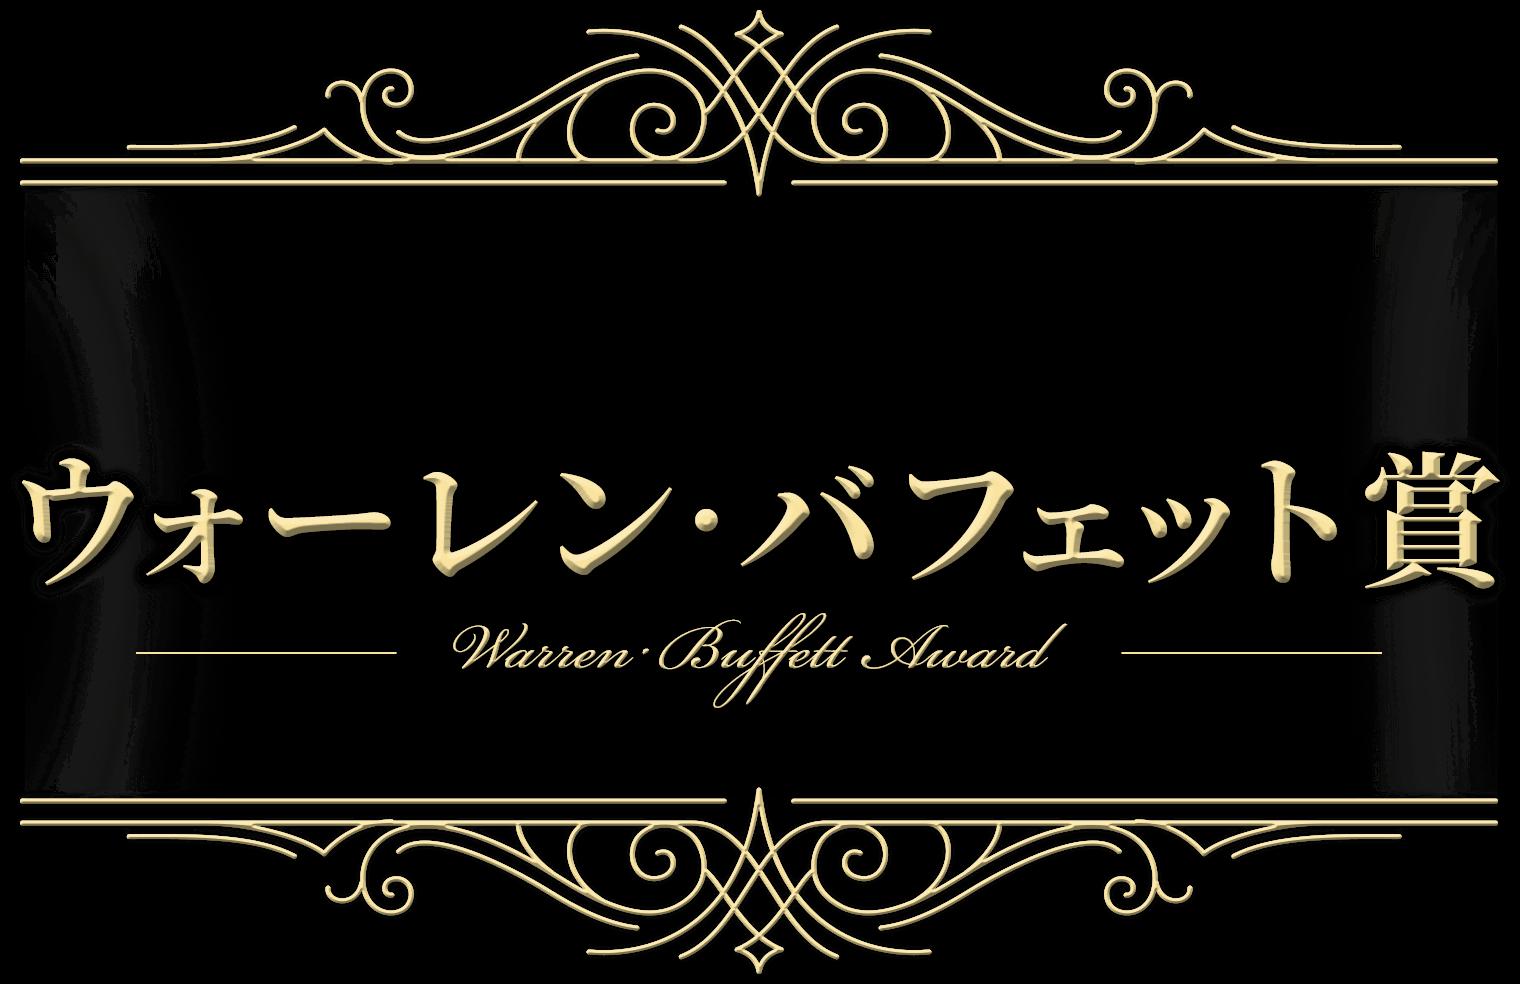 ウォーレンバフェット賞